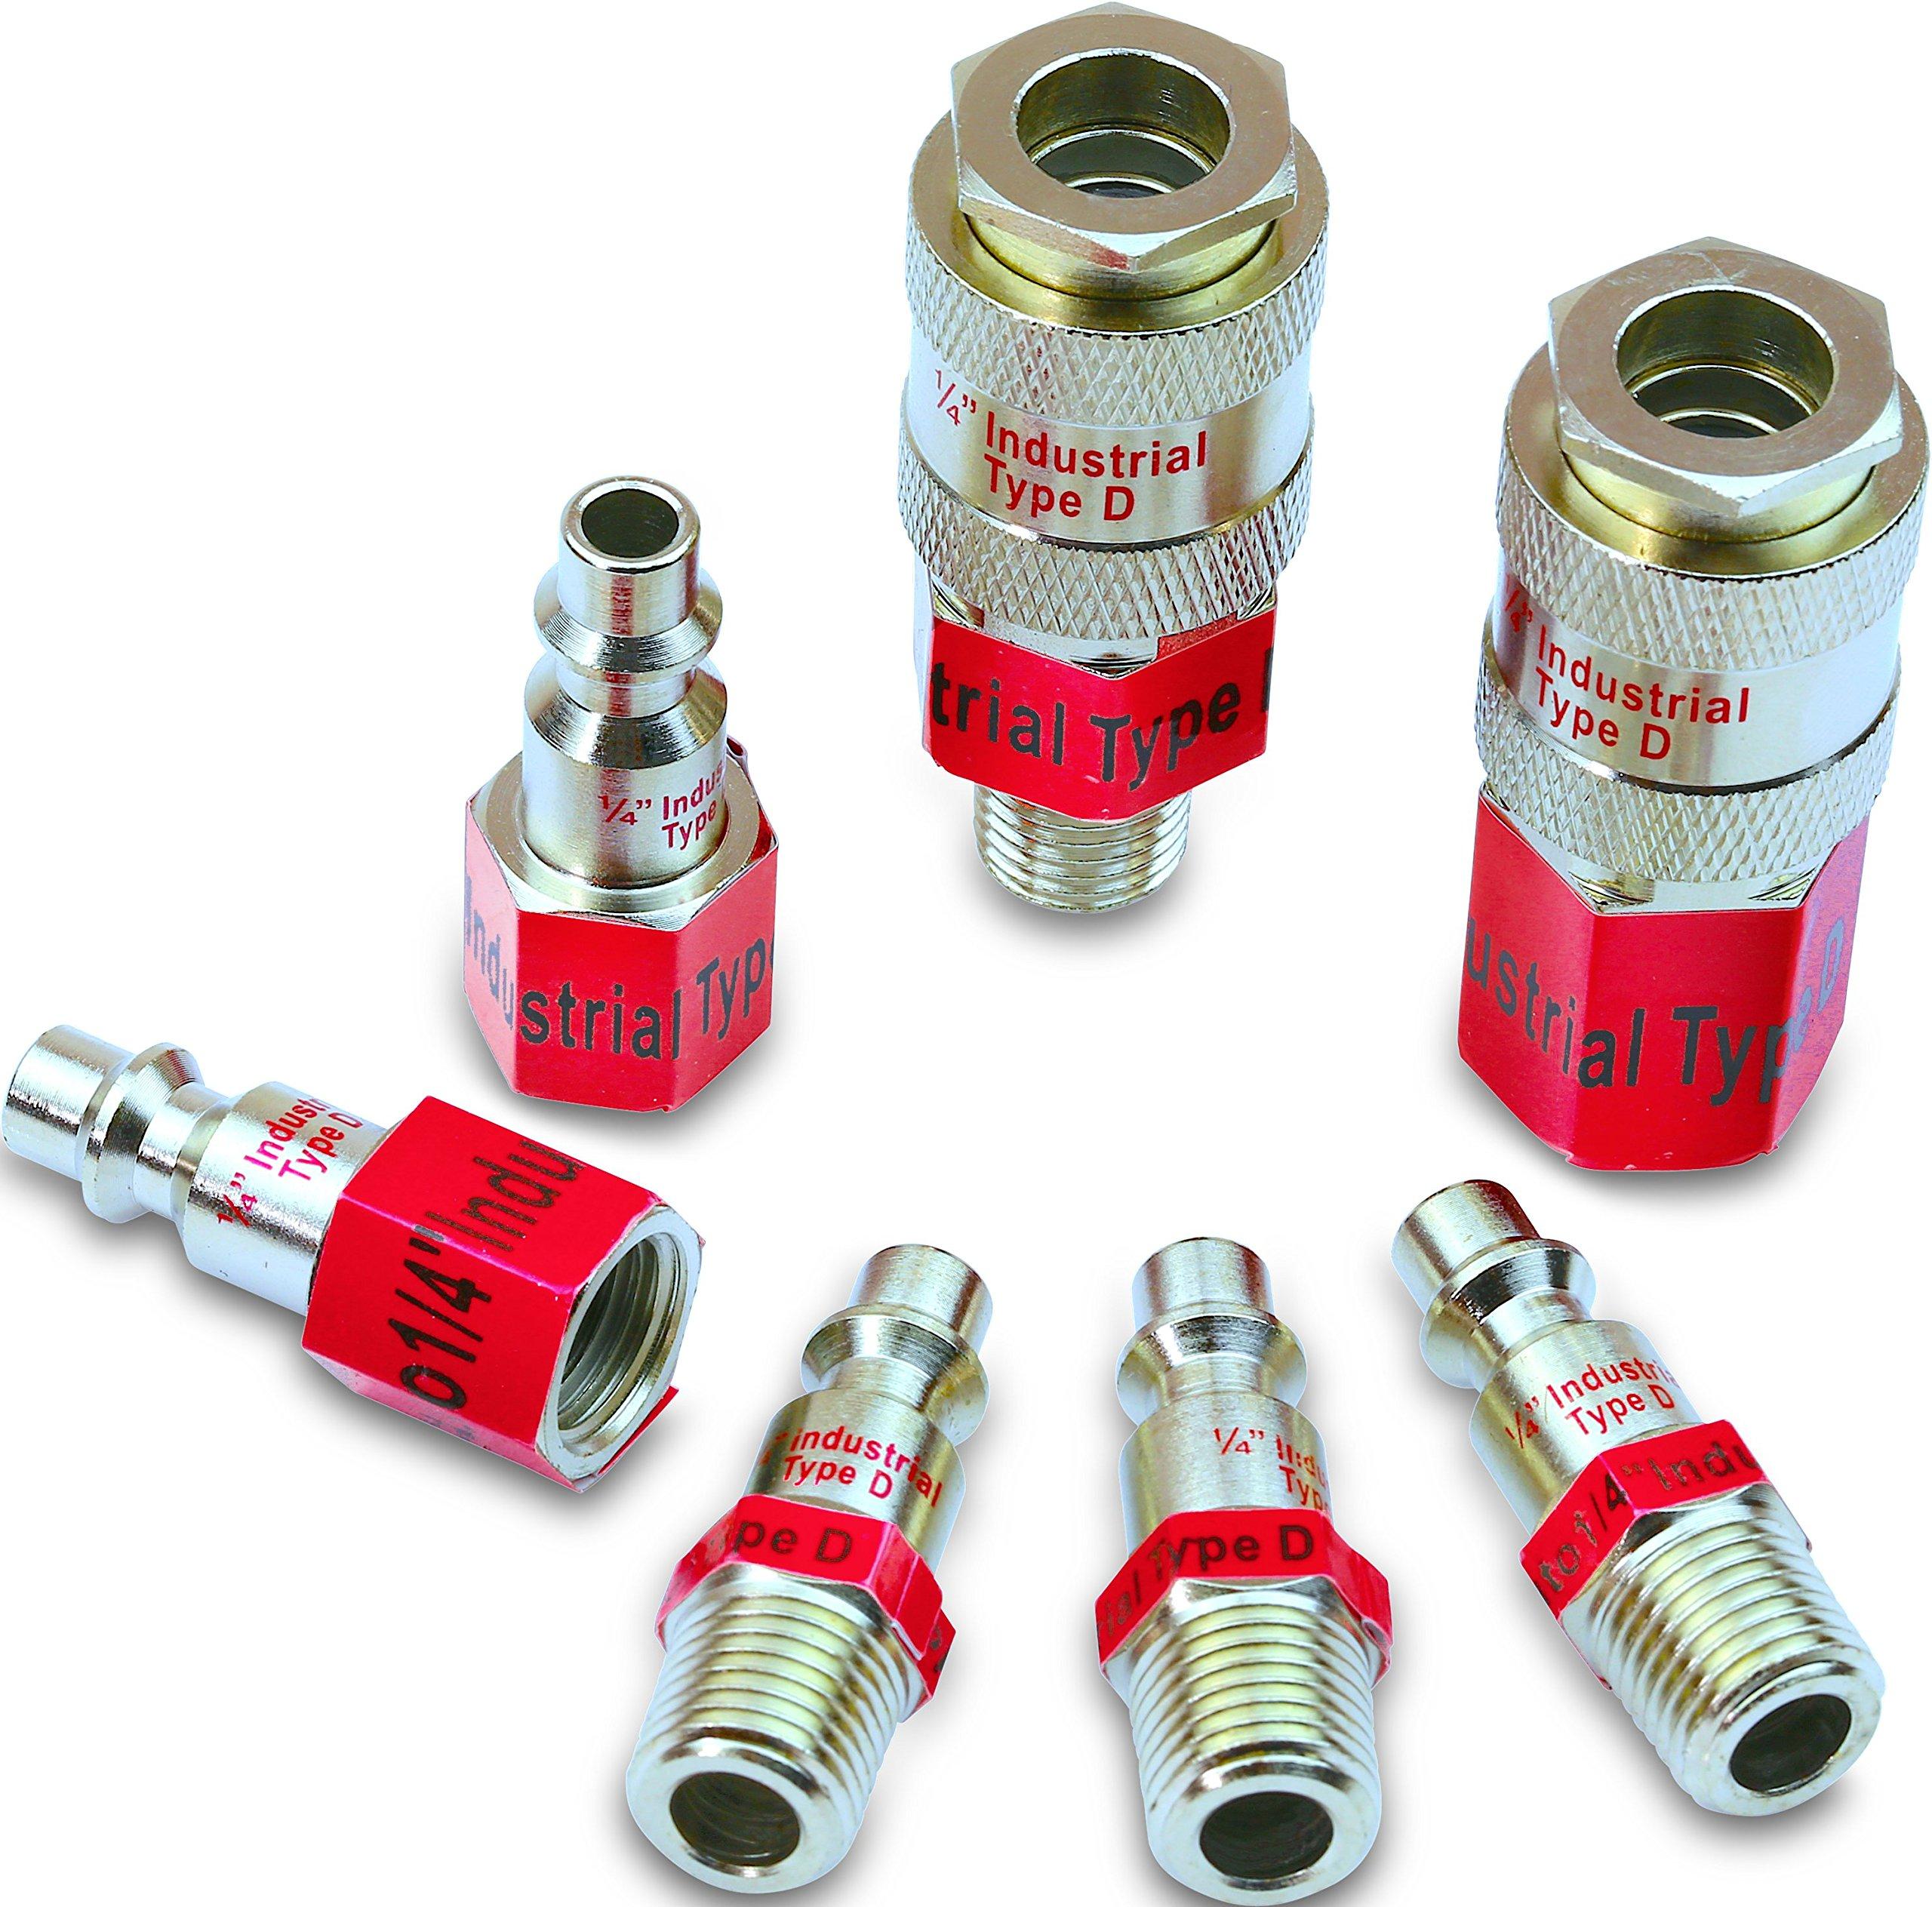 ReelWorks Heavy Duty Hybrid Polymer Flexible Air Compressor